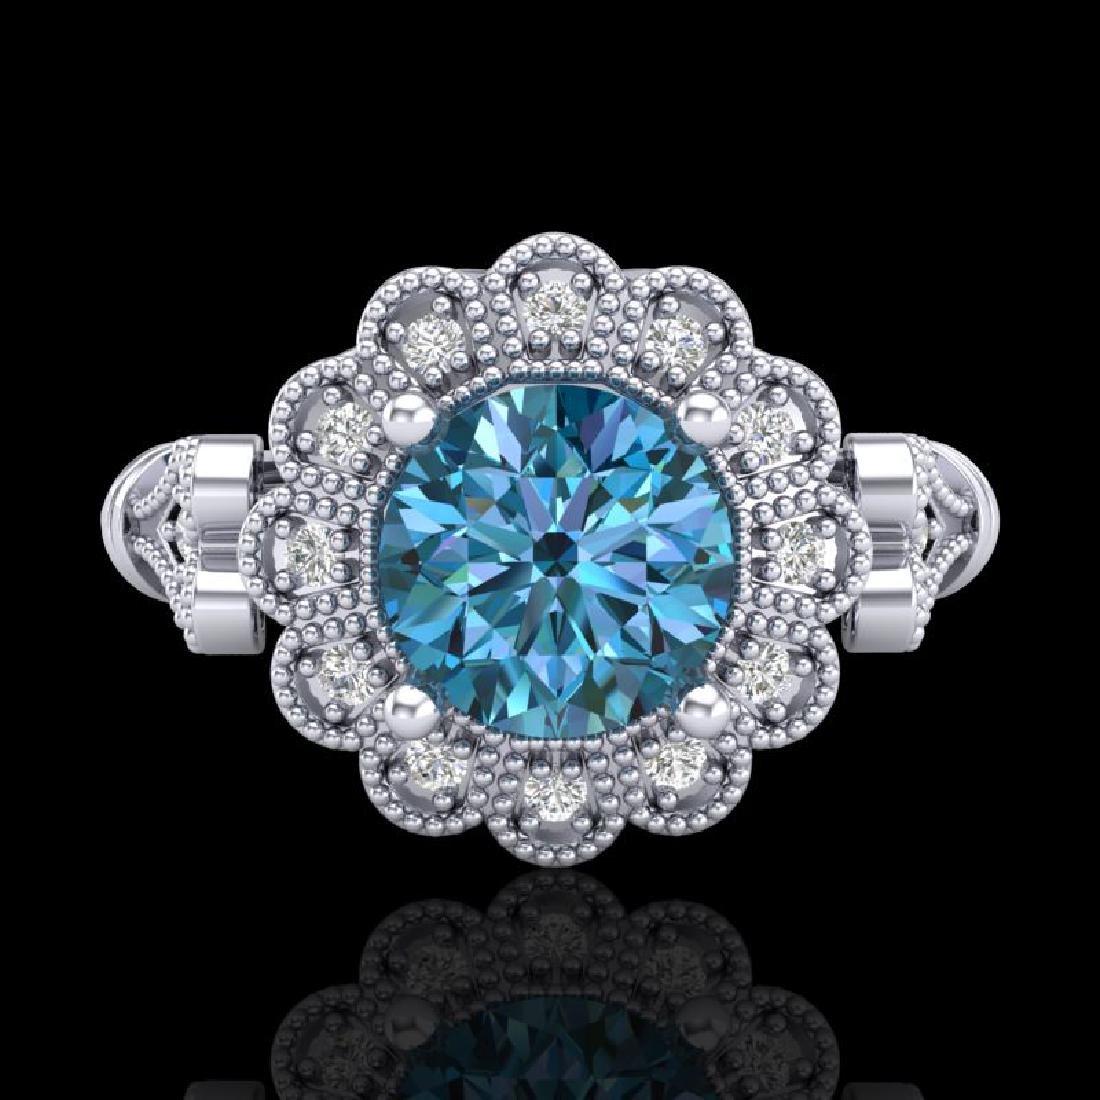 1.2 CTW Intense Blue Diamond Solitaire Engagement Art - 2